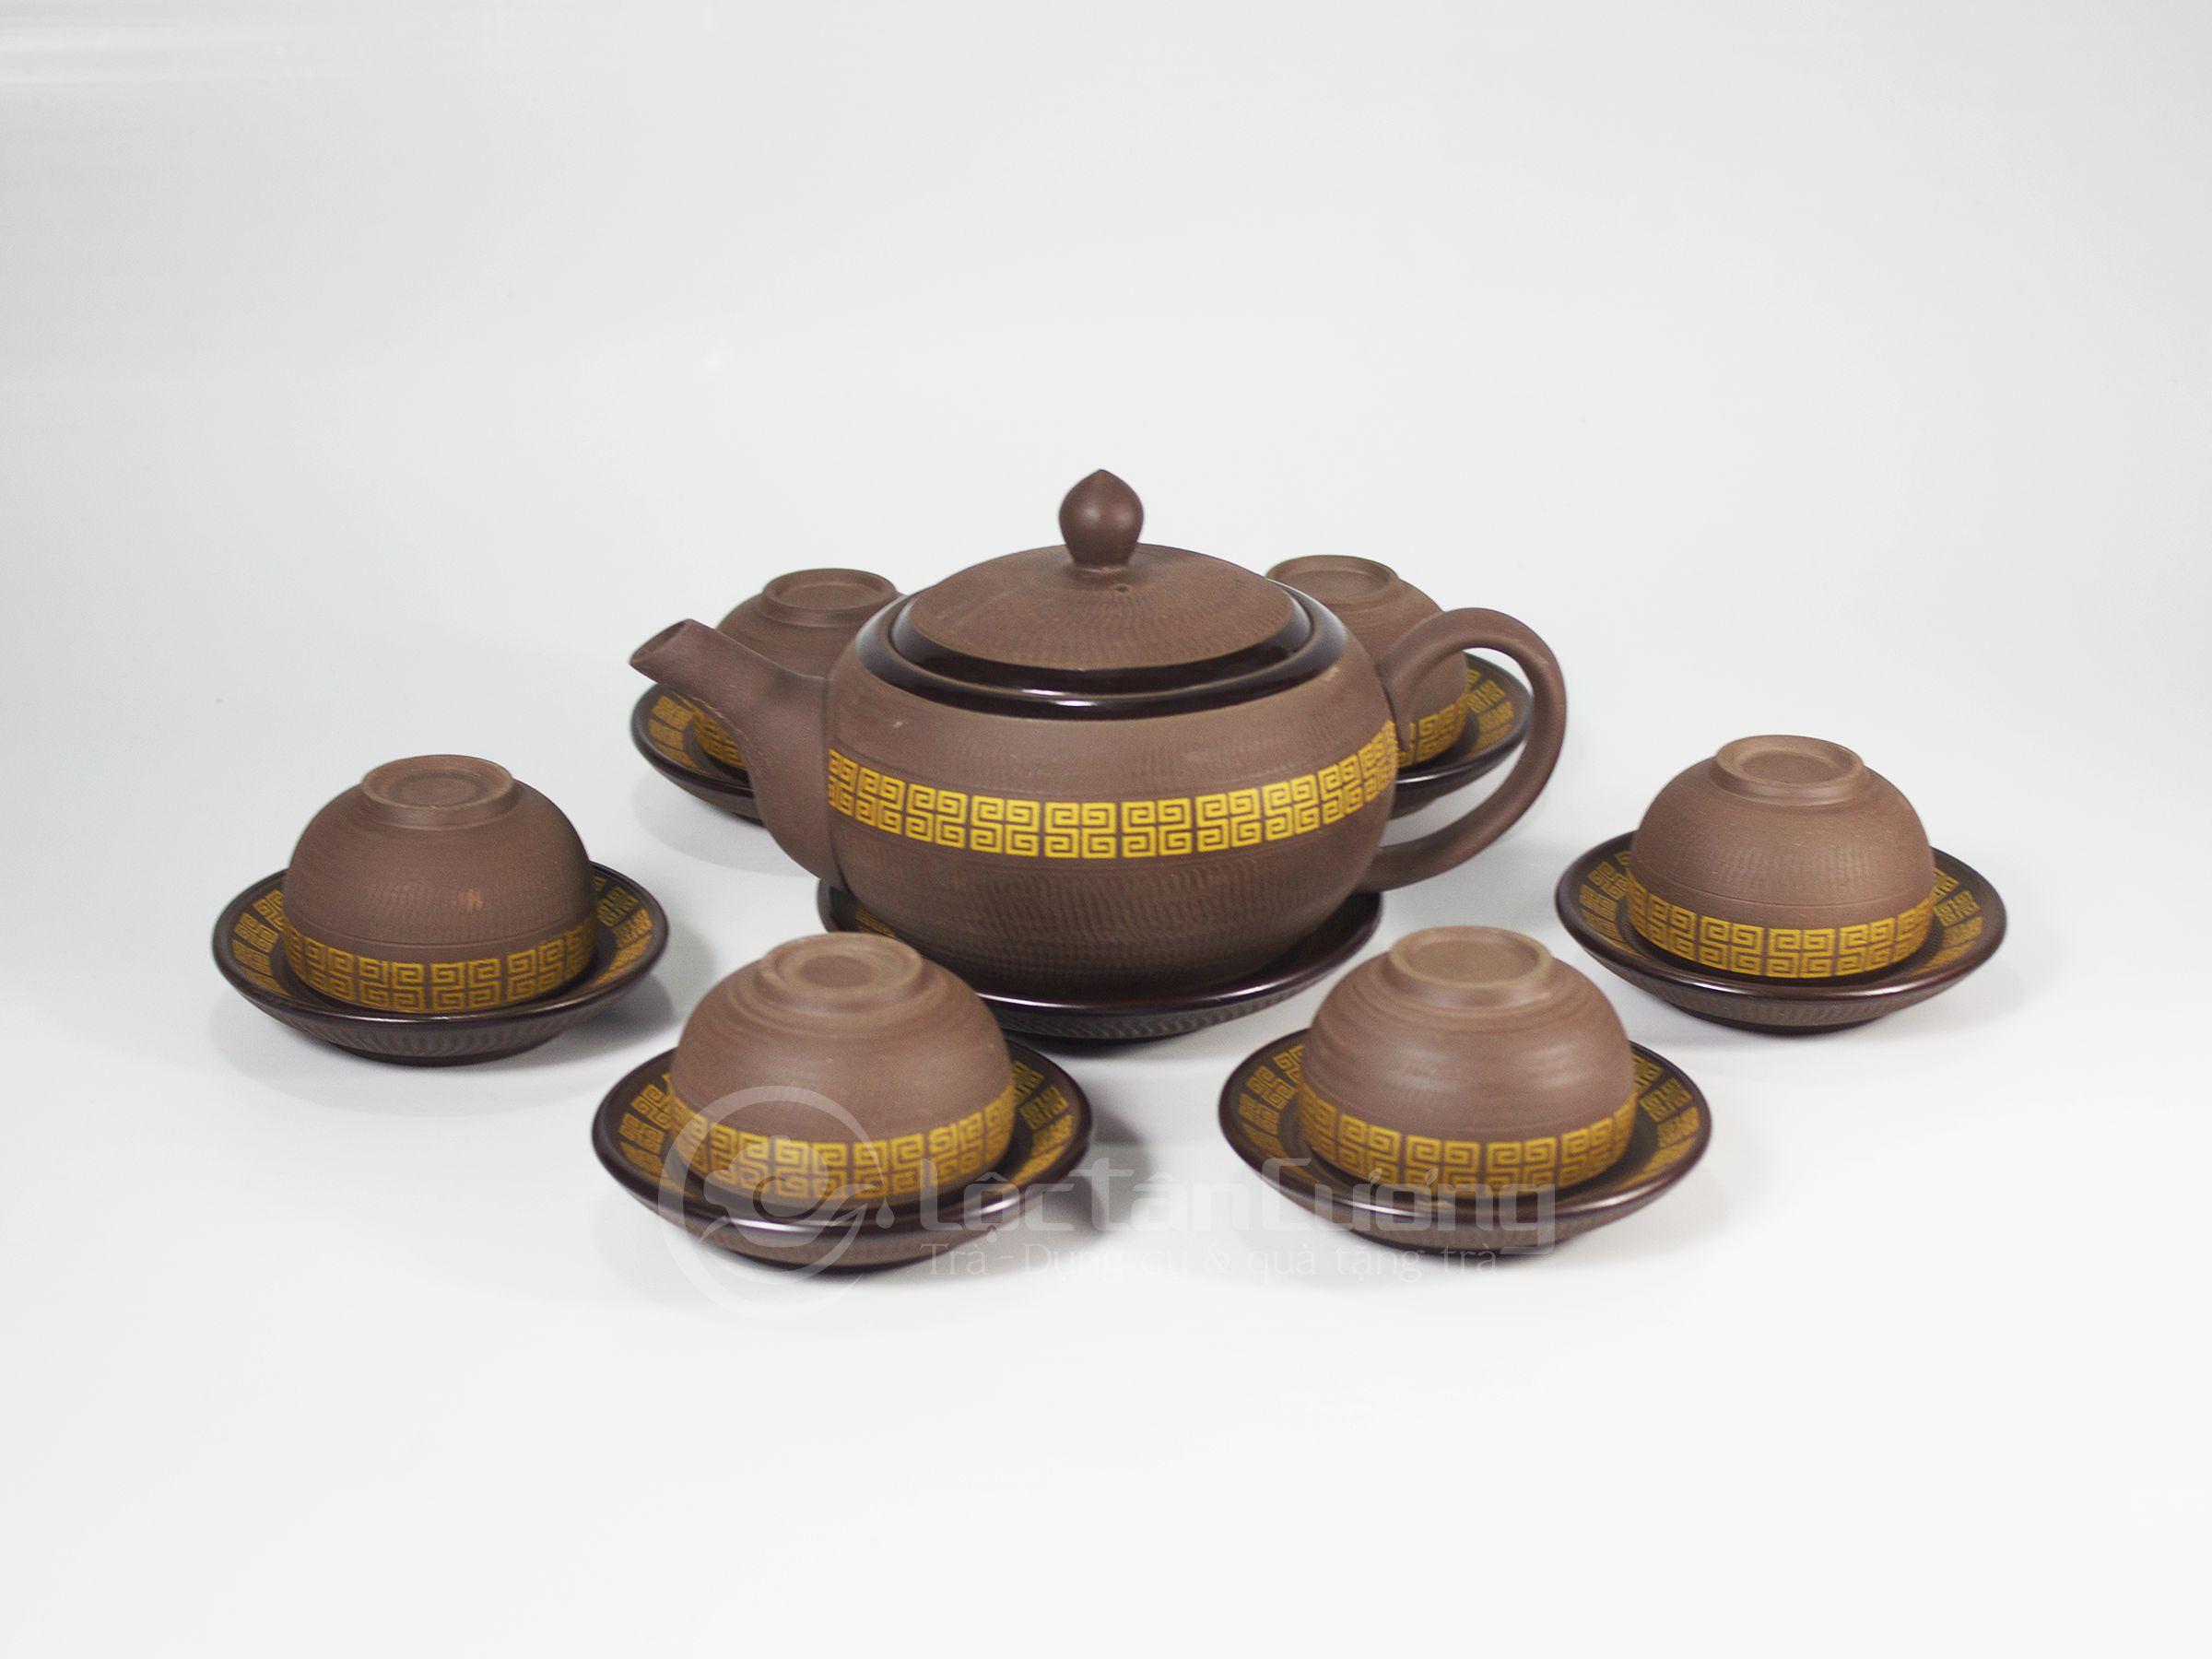 Sắc viền vàng óng ánh mang hoa văn truyền thống Việt Nam, tạo sự ấm cũng và sang trọng khi sử dụng hay trưng bày, đây cũng là bộ ấm chén được mọi người lựa chọn để làm quà tặng cho người thân và khách quý